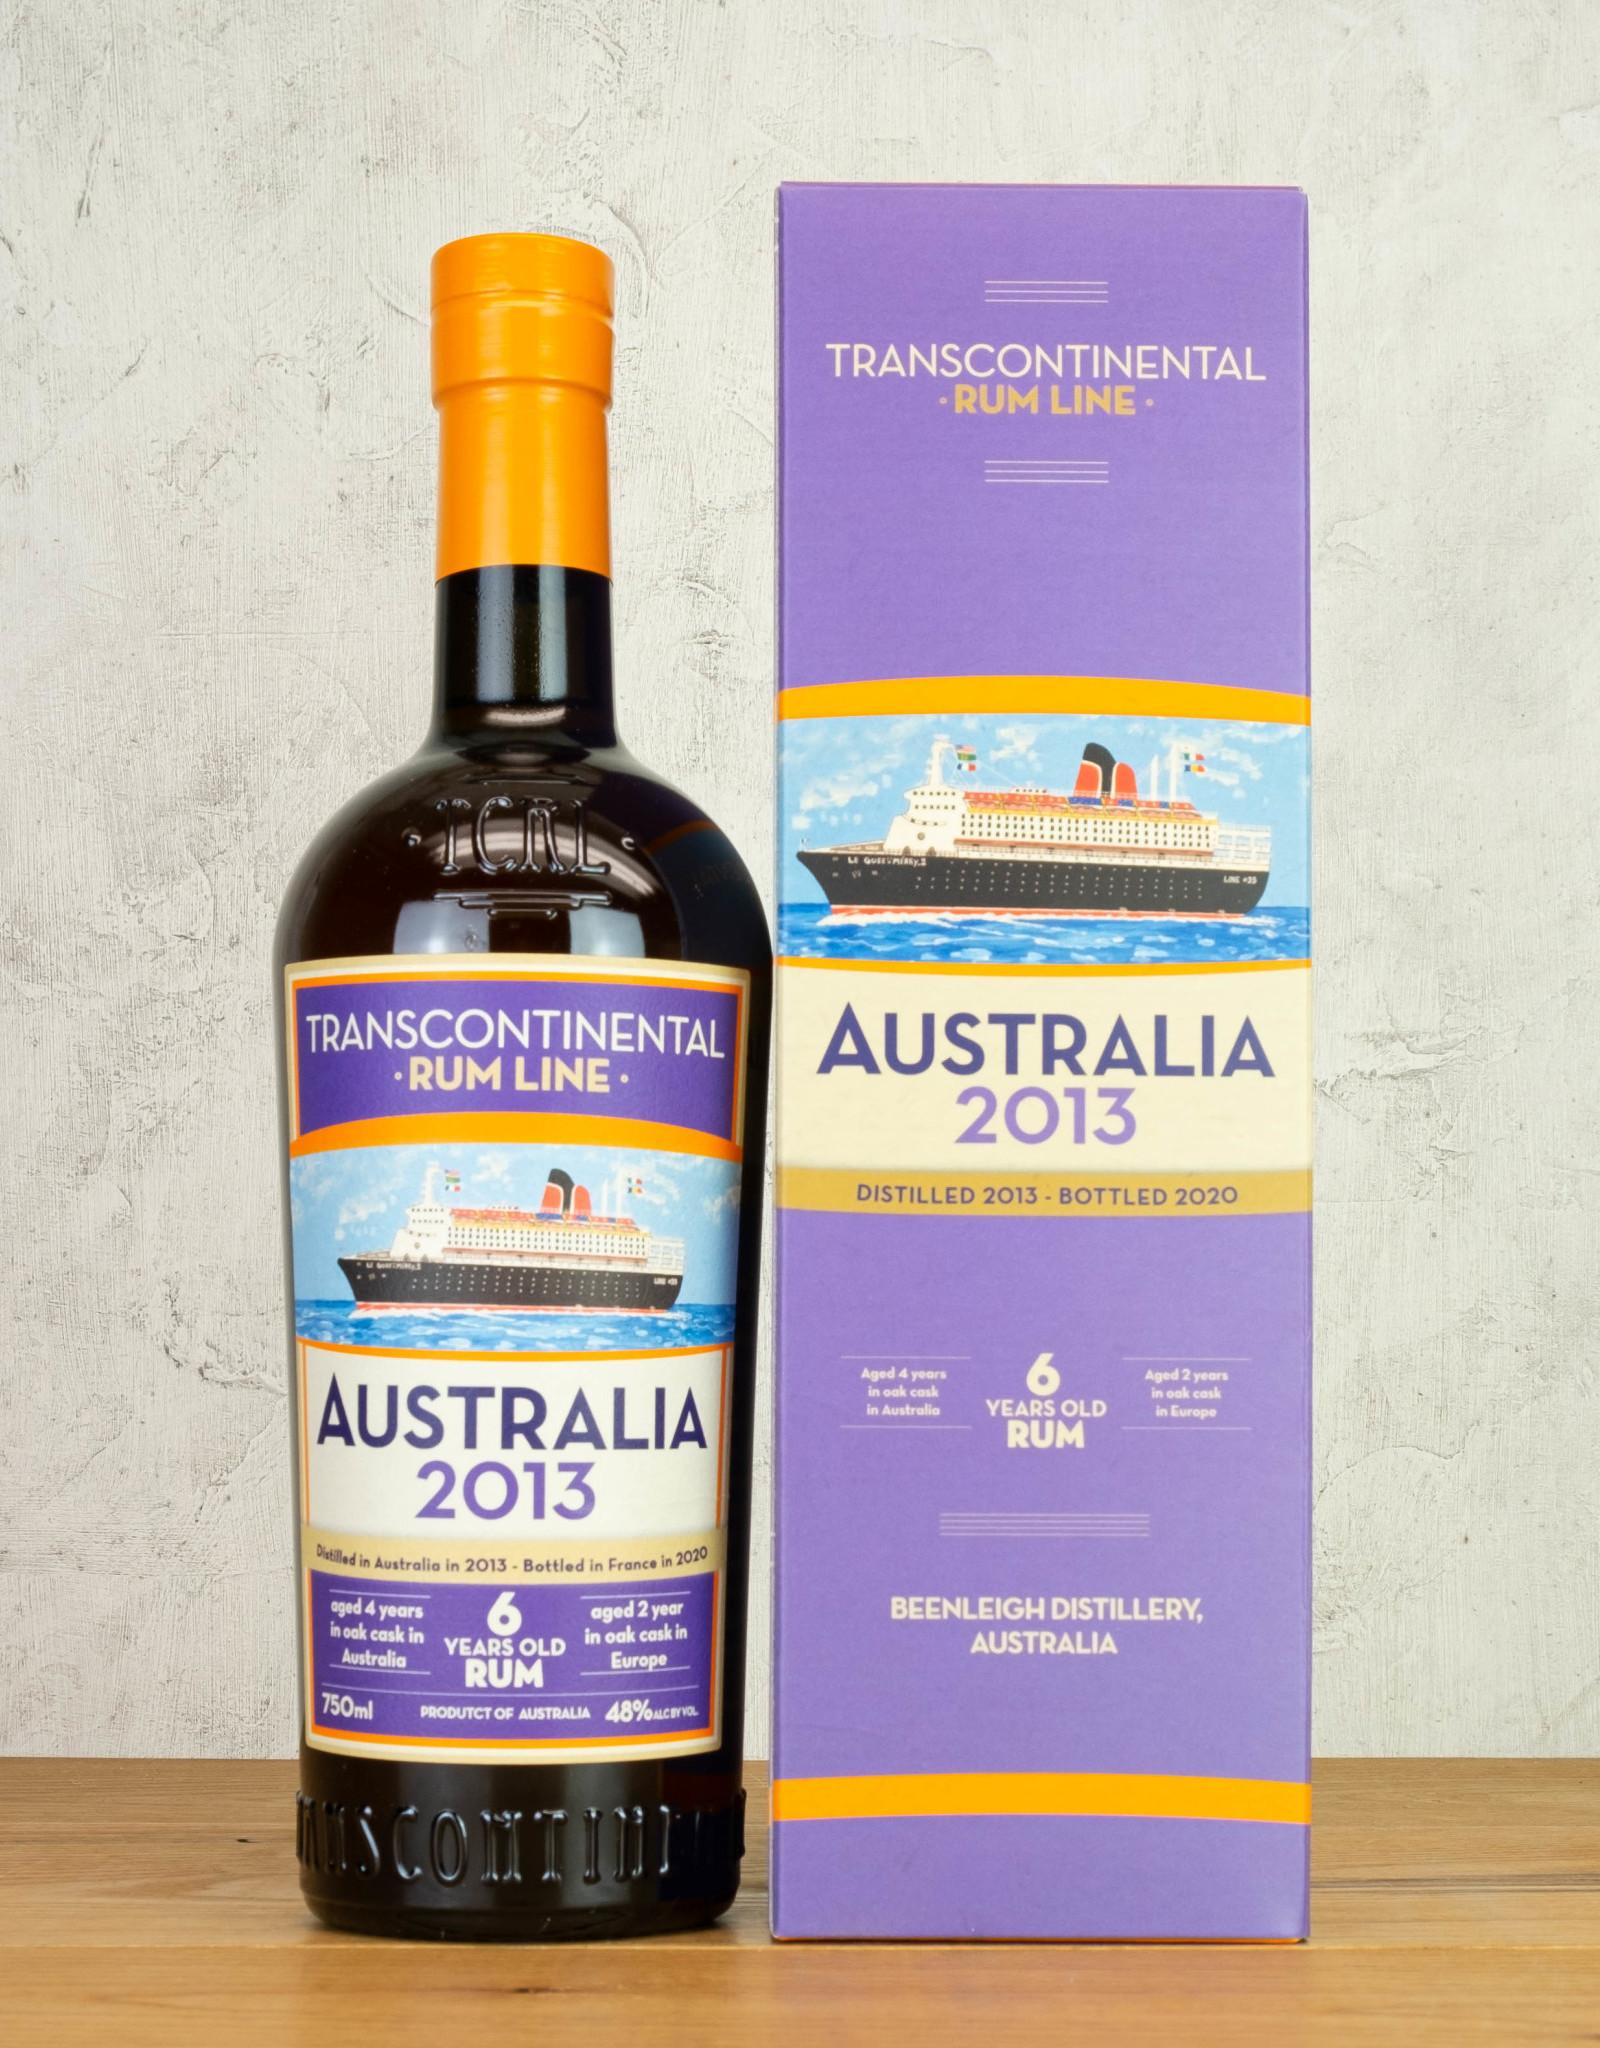 Beenleigh Distillery Transcontinental Rum Line 6 Year